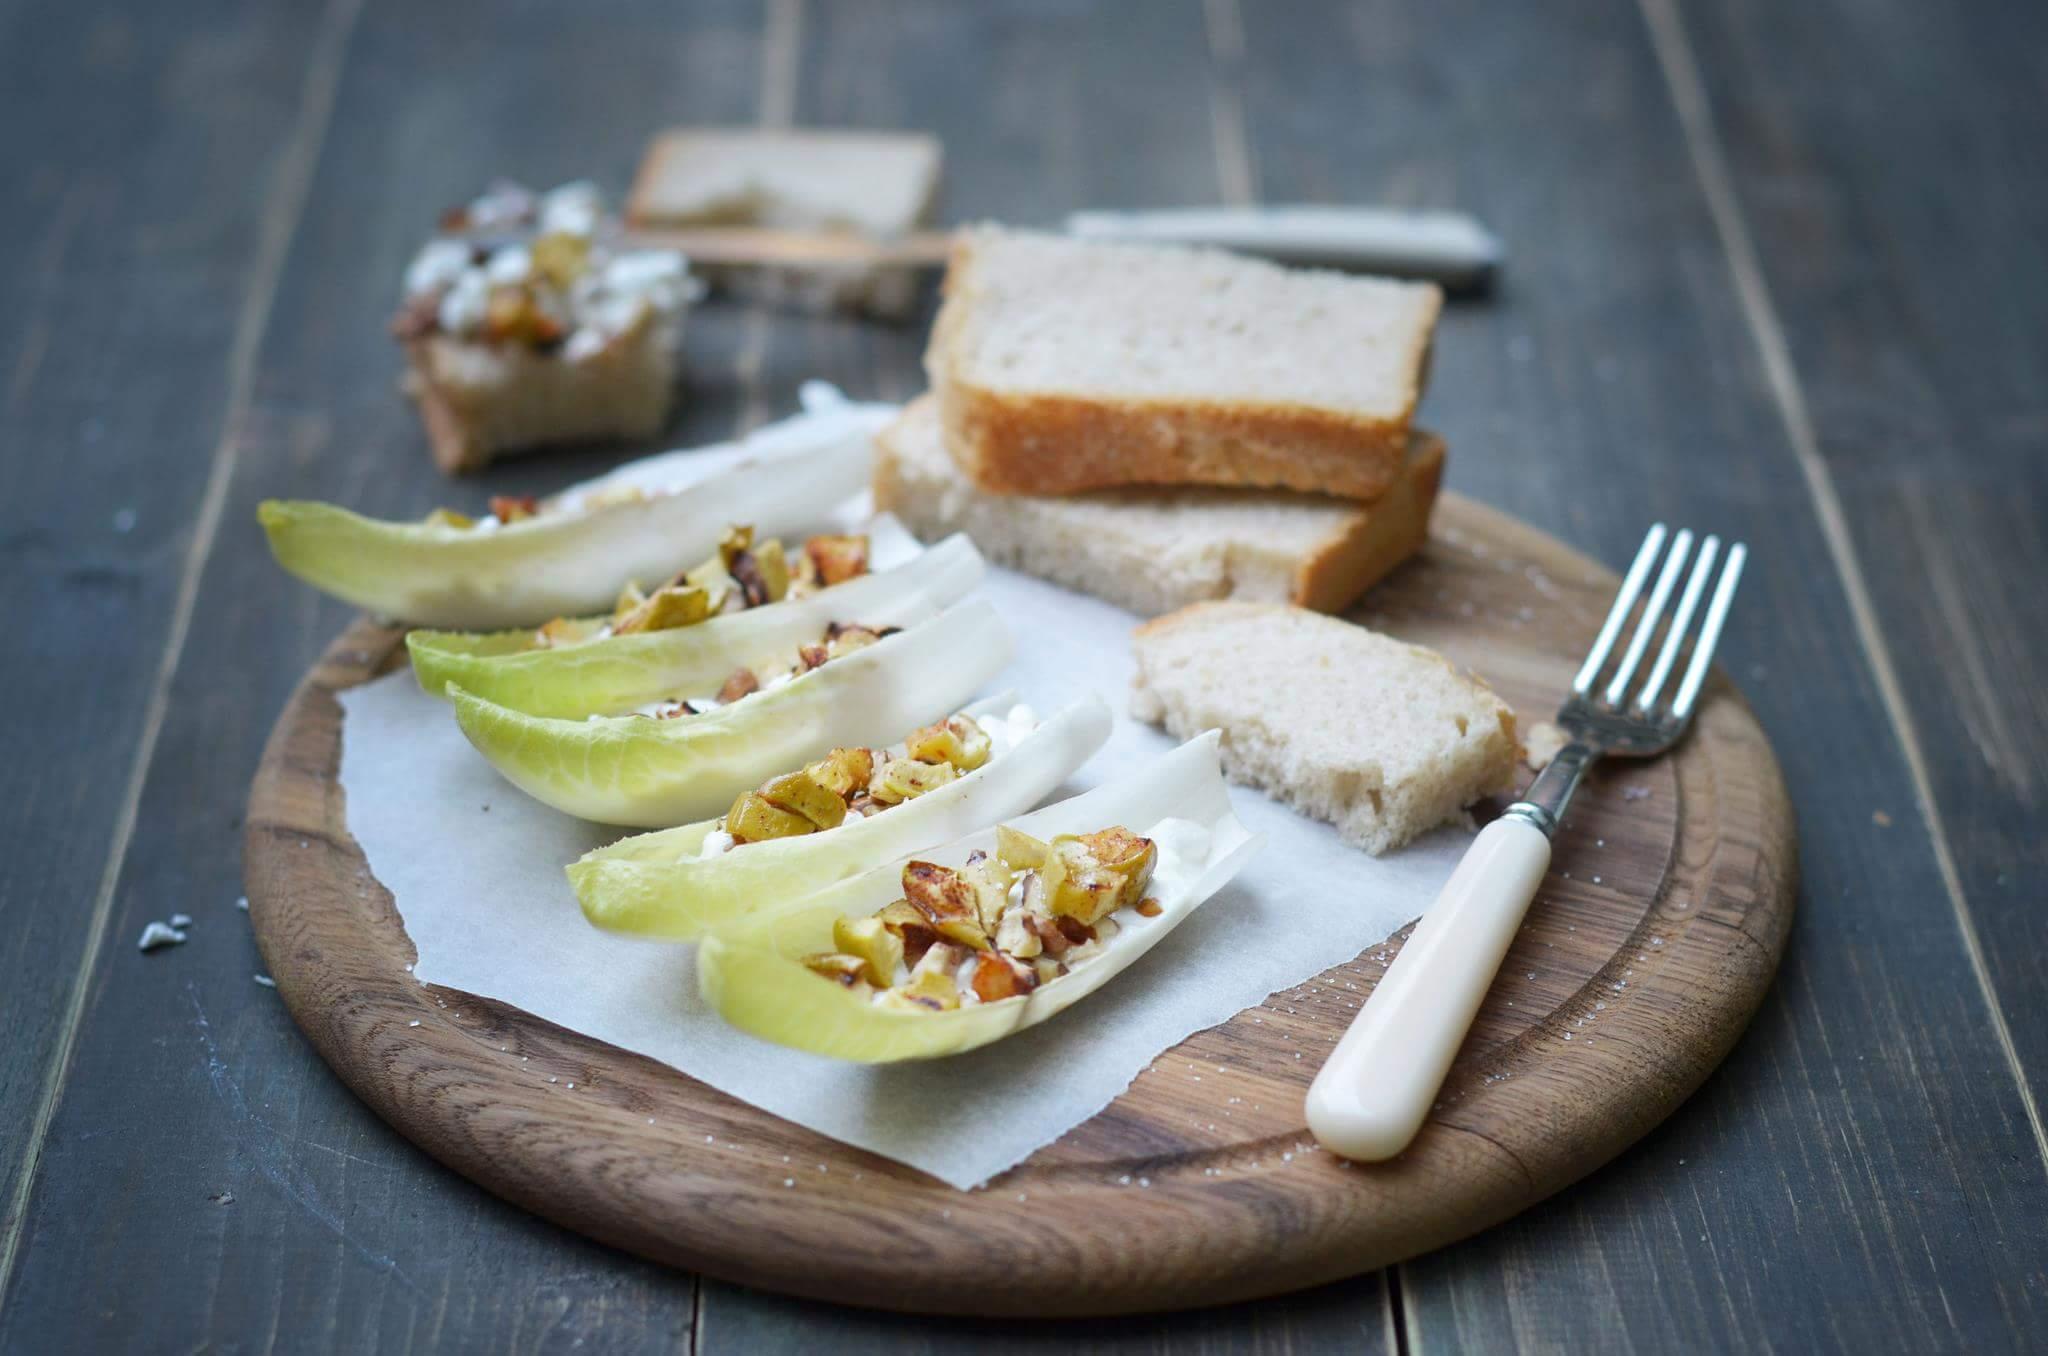 Салат из яблока, грецкого ореха и зернистого творога в листьях цикория